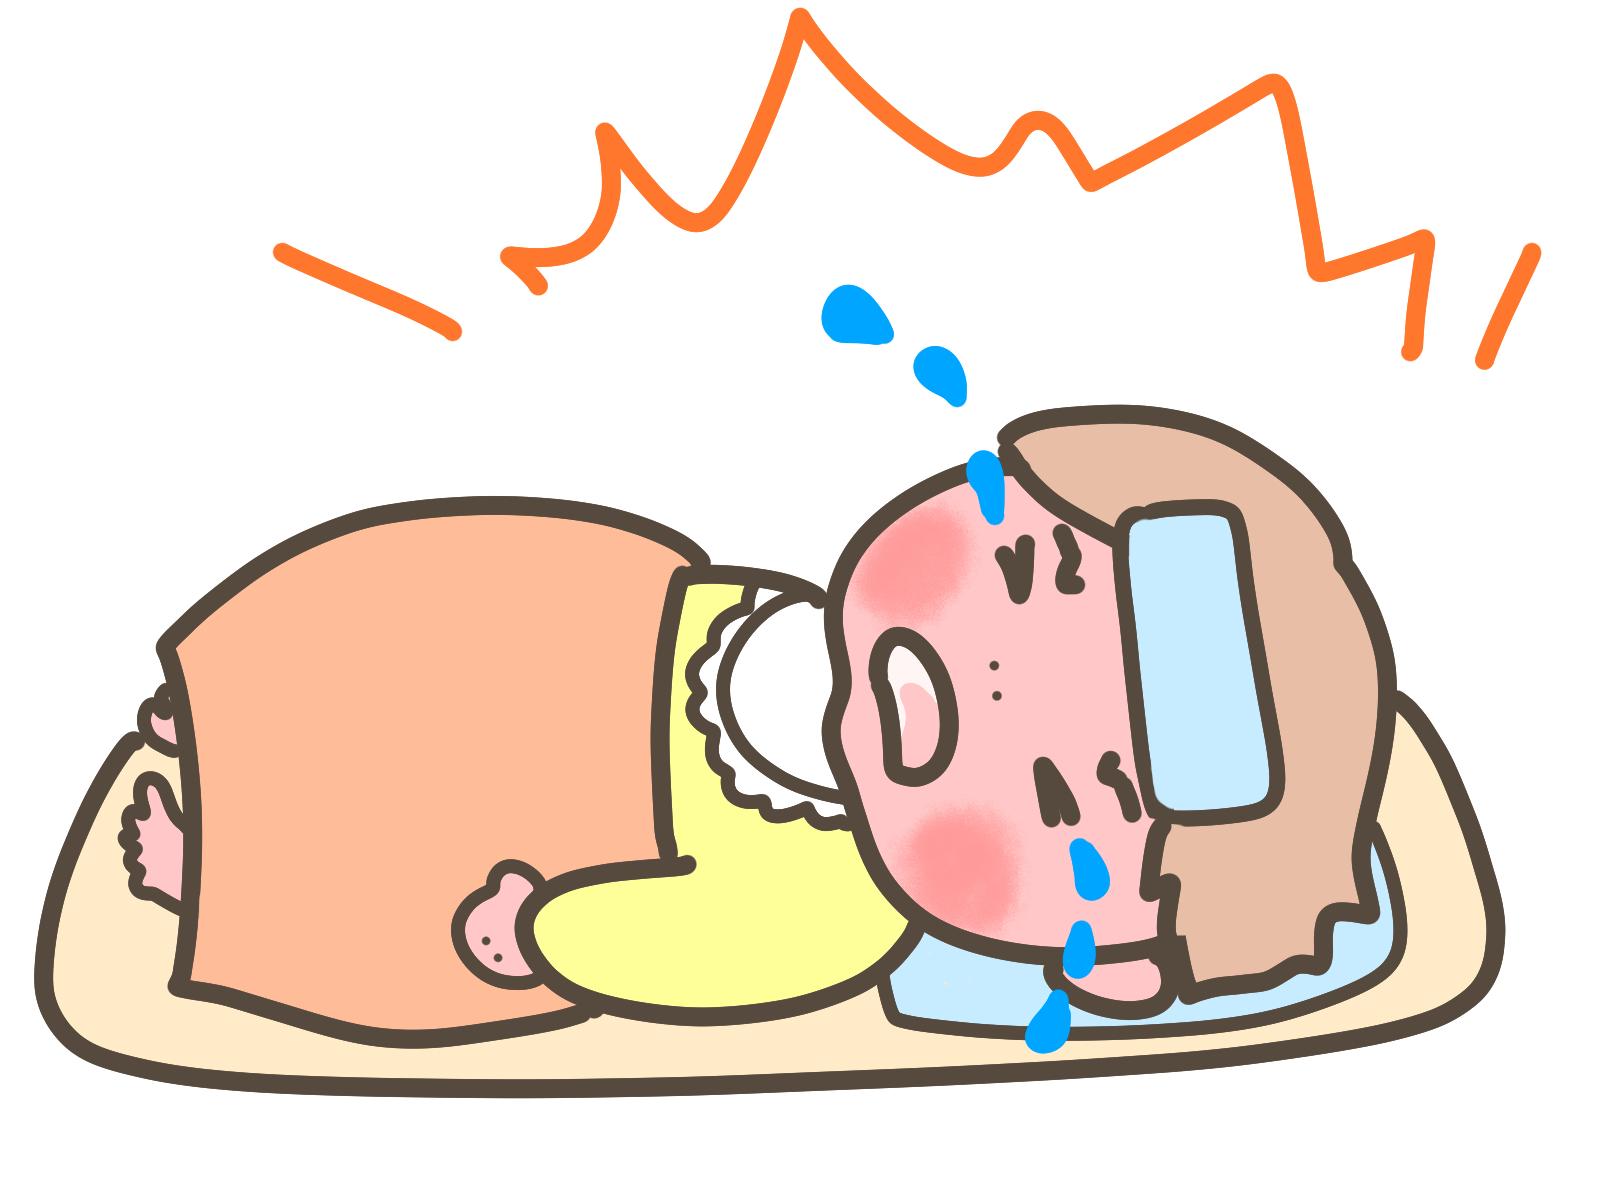 乳児期のRSウイルス罹患時、鼻腔にラクトバチルス(乳酸菌)が多いと喘鳴発症が少なくなる